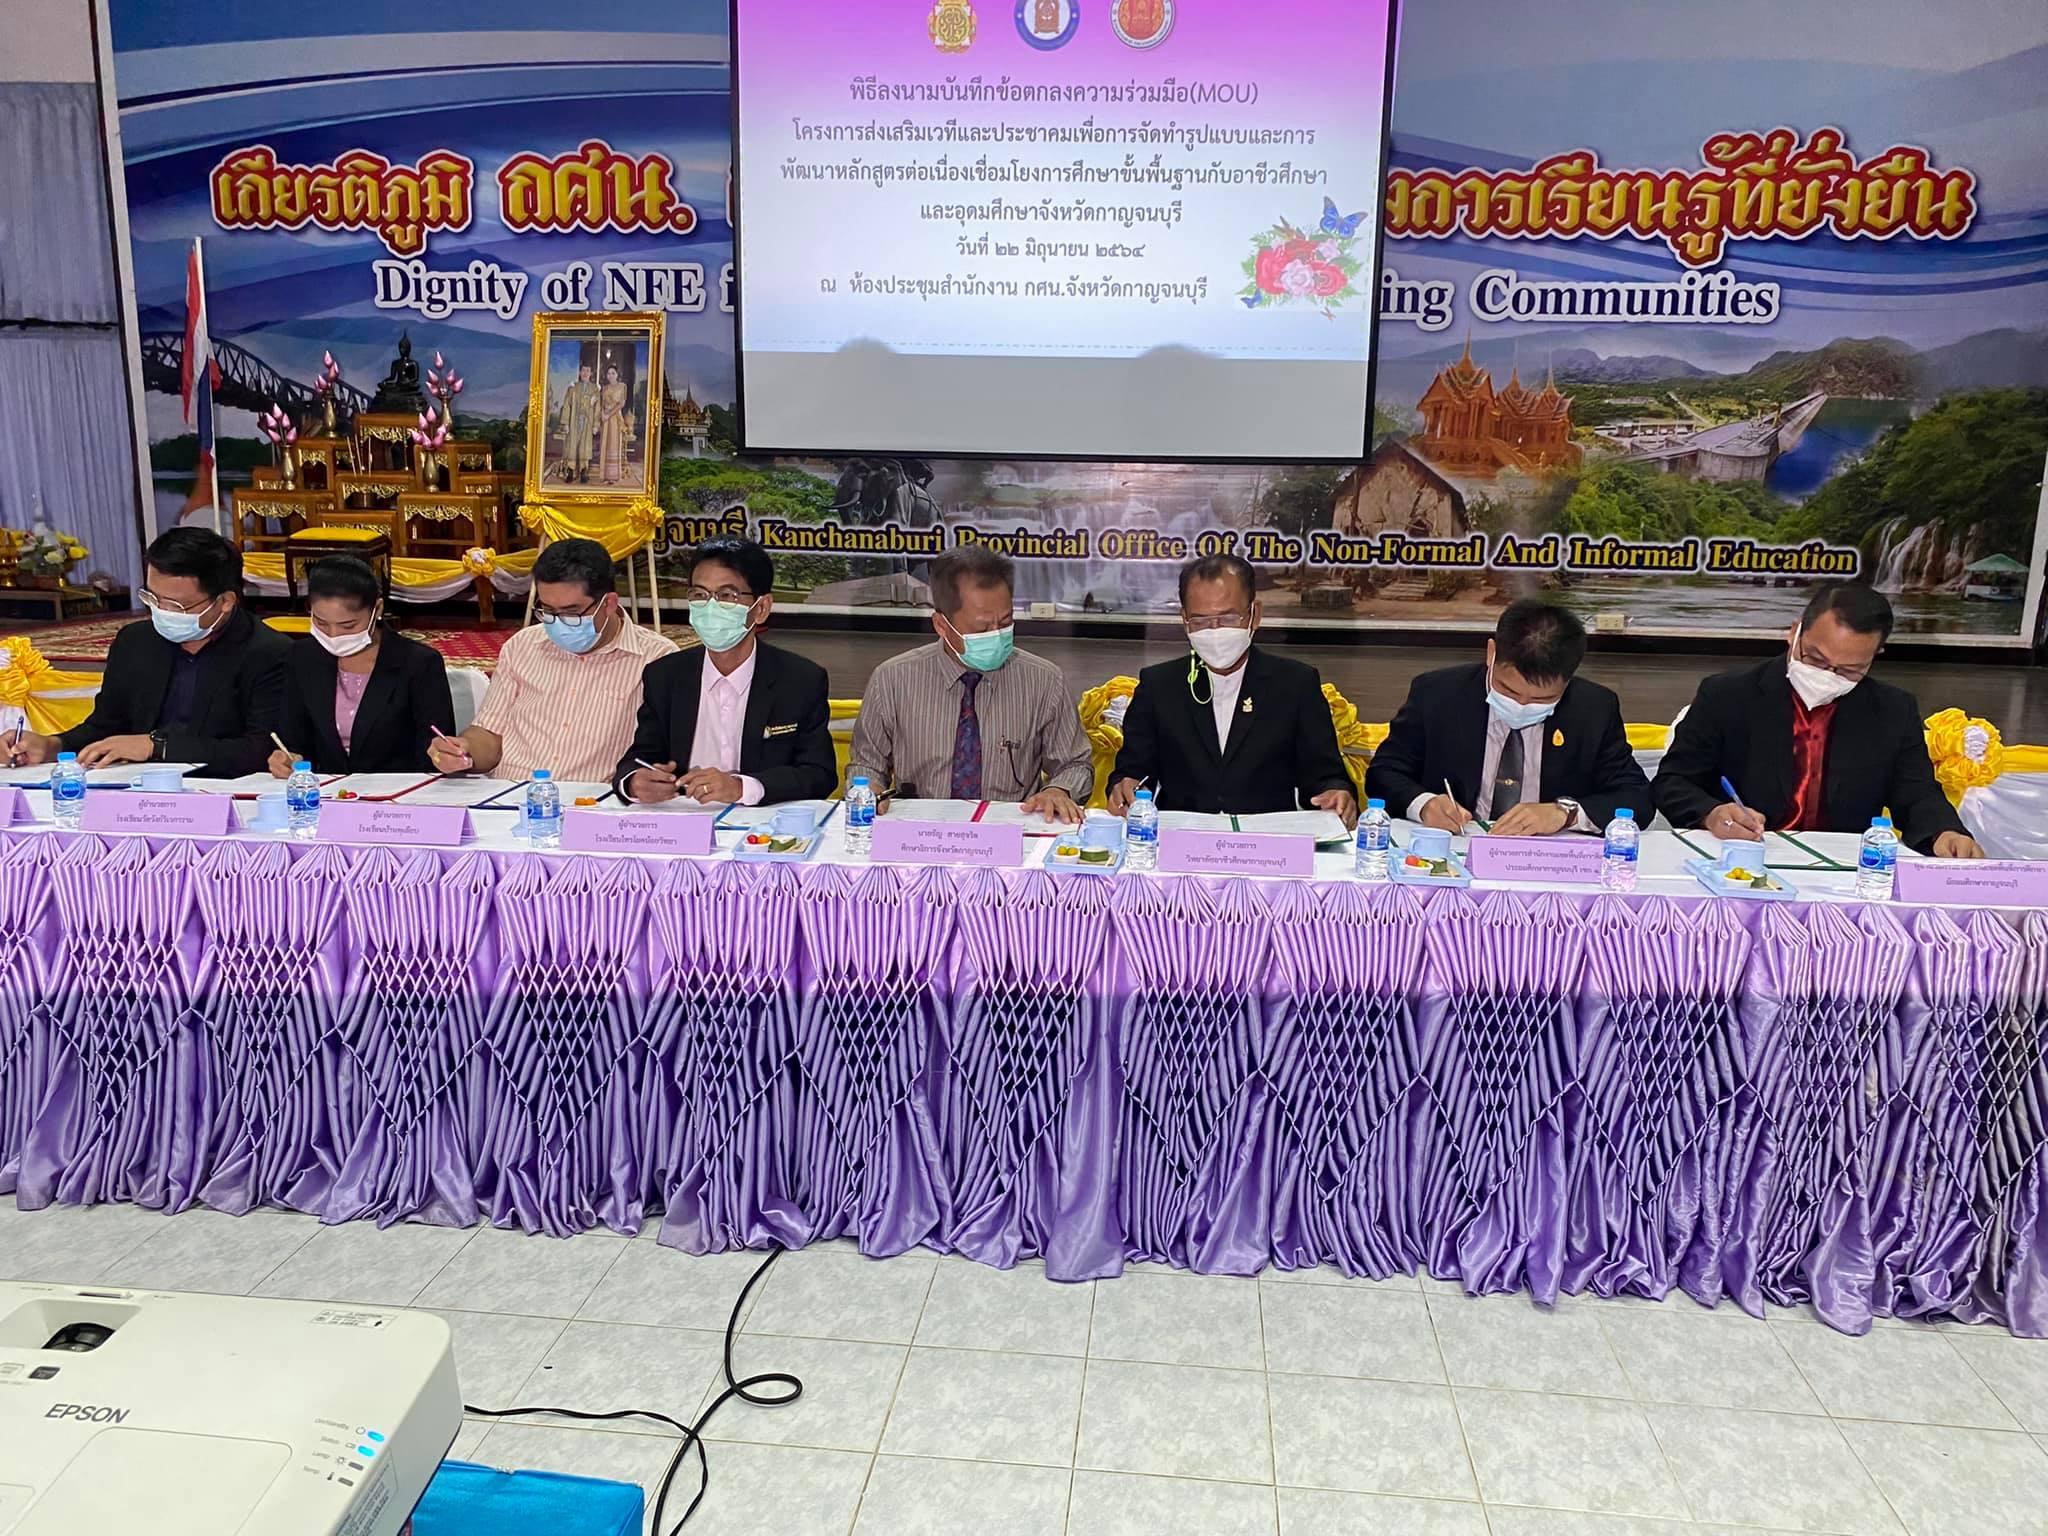 สำนักงานศึกษาธิการจังหวัดกาญจนบุรี ดำเนินโครงการส่งเสริมเวทีและประชาคมเพื่อการจัดทำรูปแบบและการพัฒนาหลักสูตรต่อเนื่องเชื่อมโยงการศึกษาขั้นพื้นฐานกับอาชีวศึกษาและอุดมศึกษา